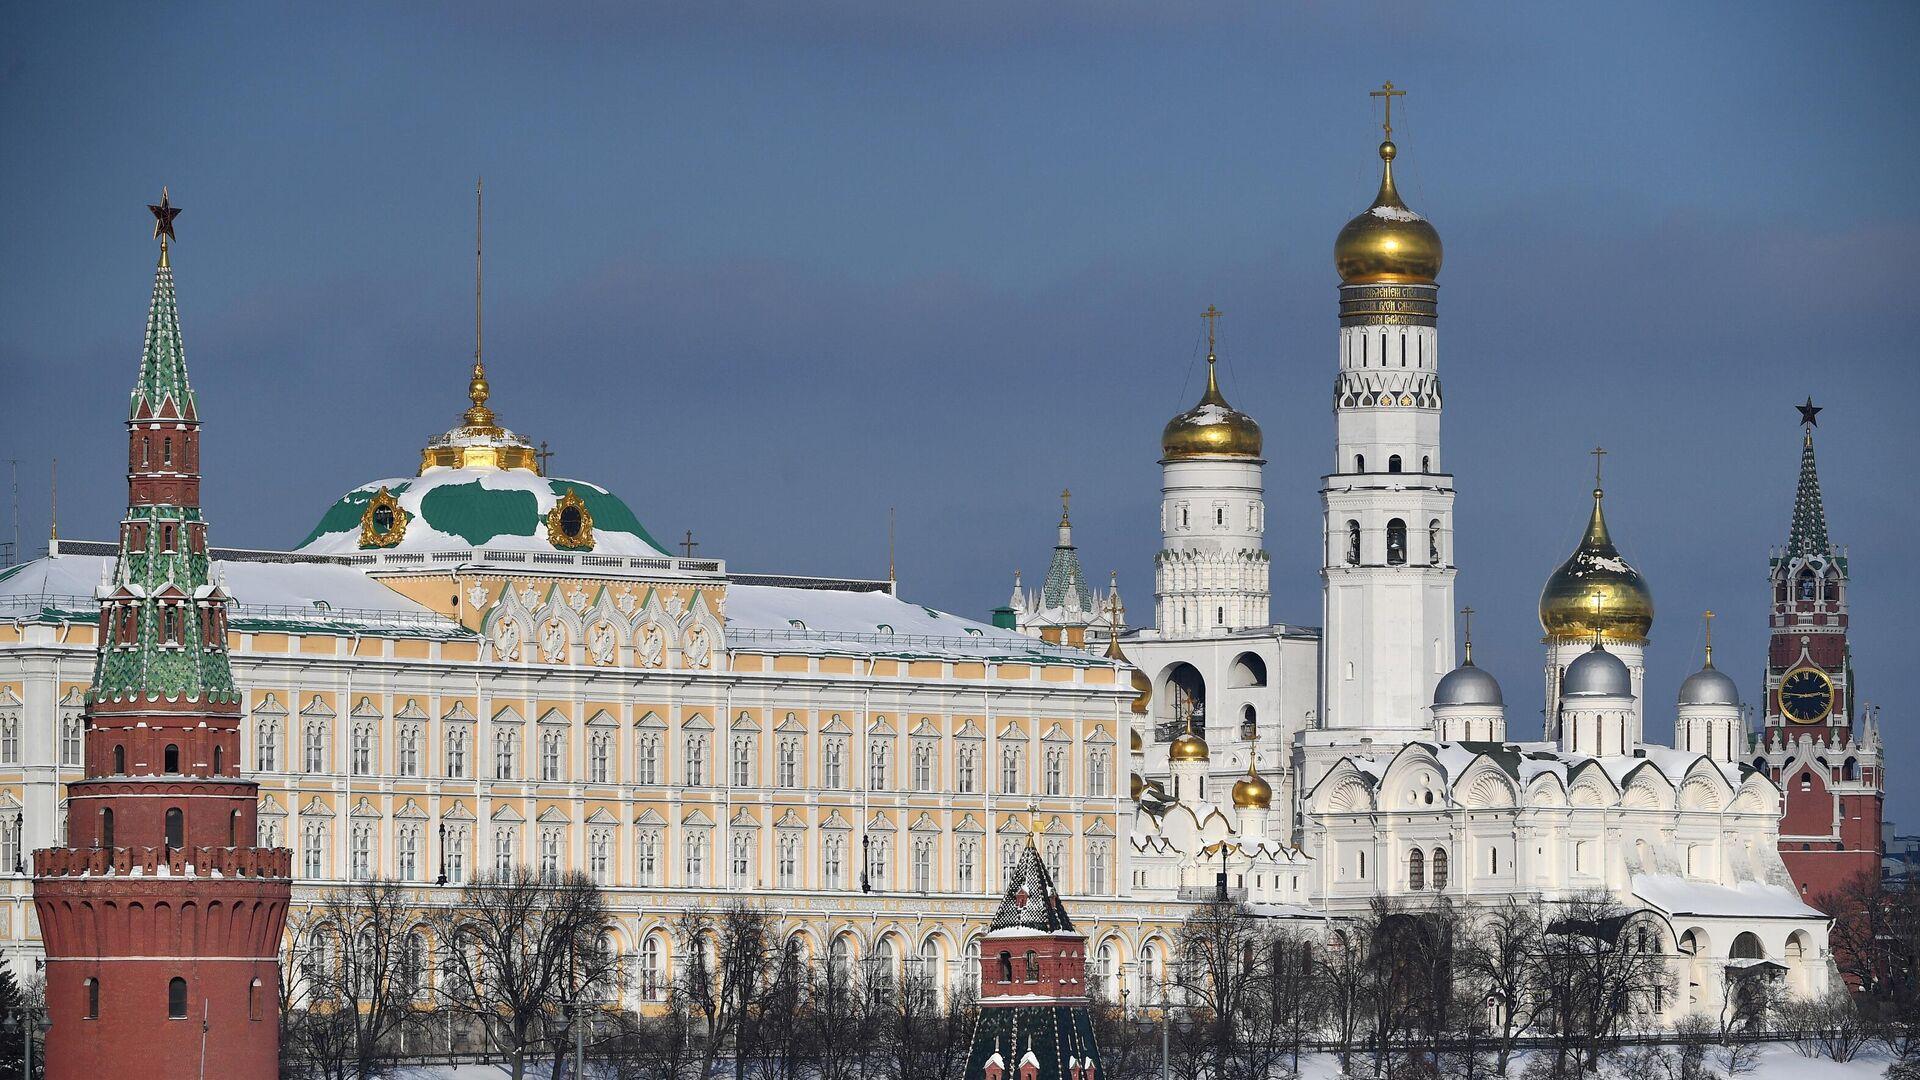 Московский Кремль - РИА Новости, 1920, 05.03.2021